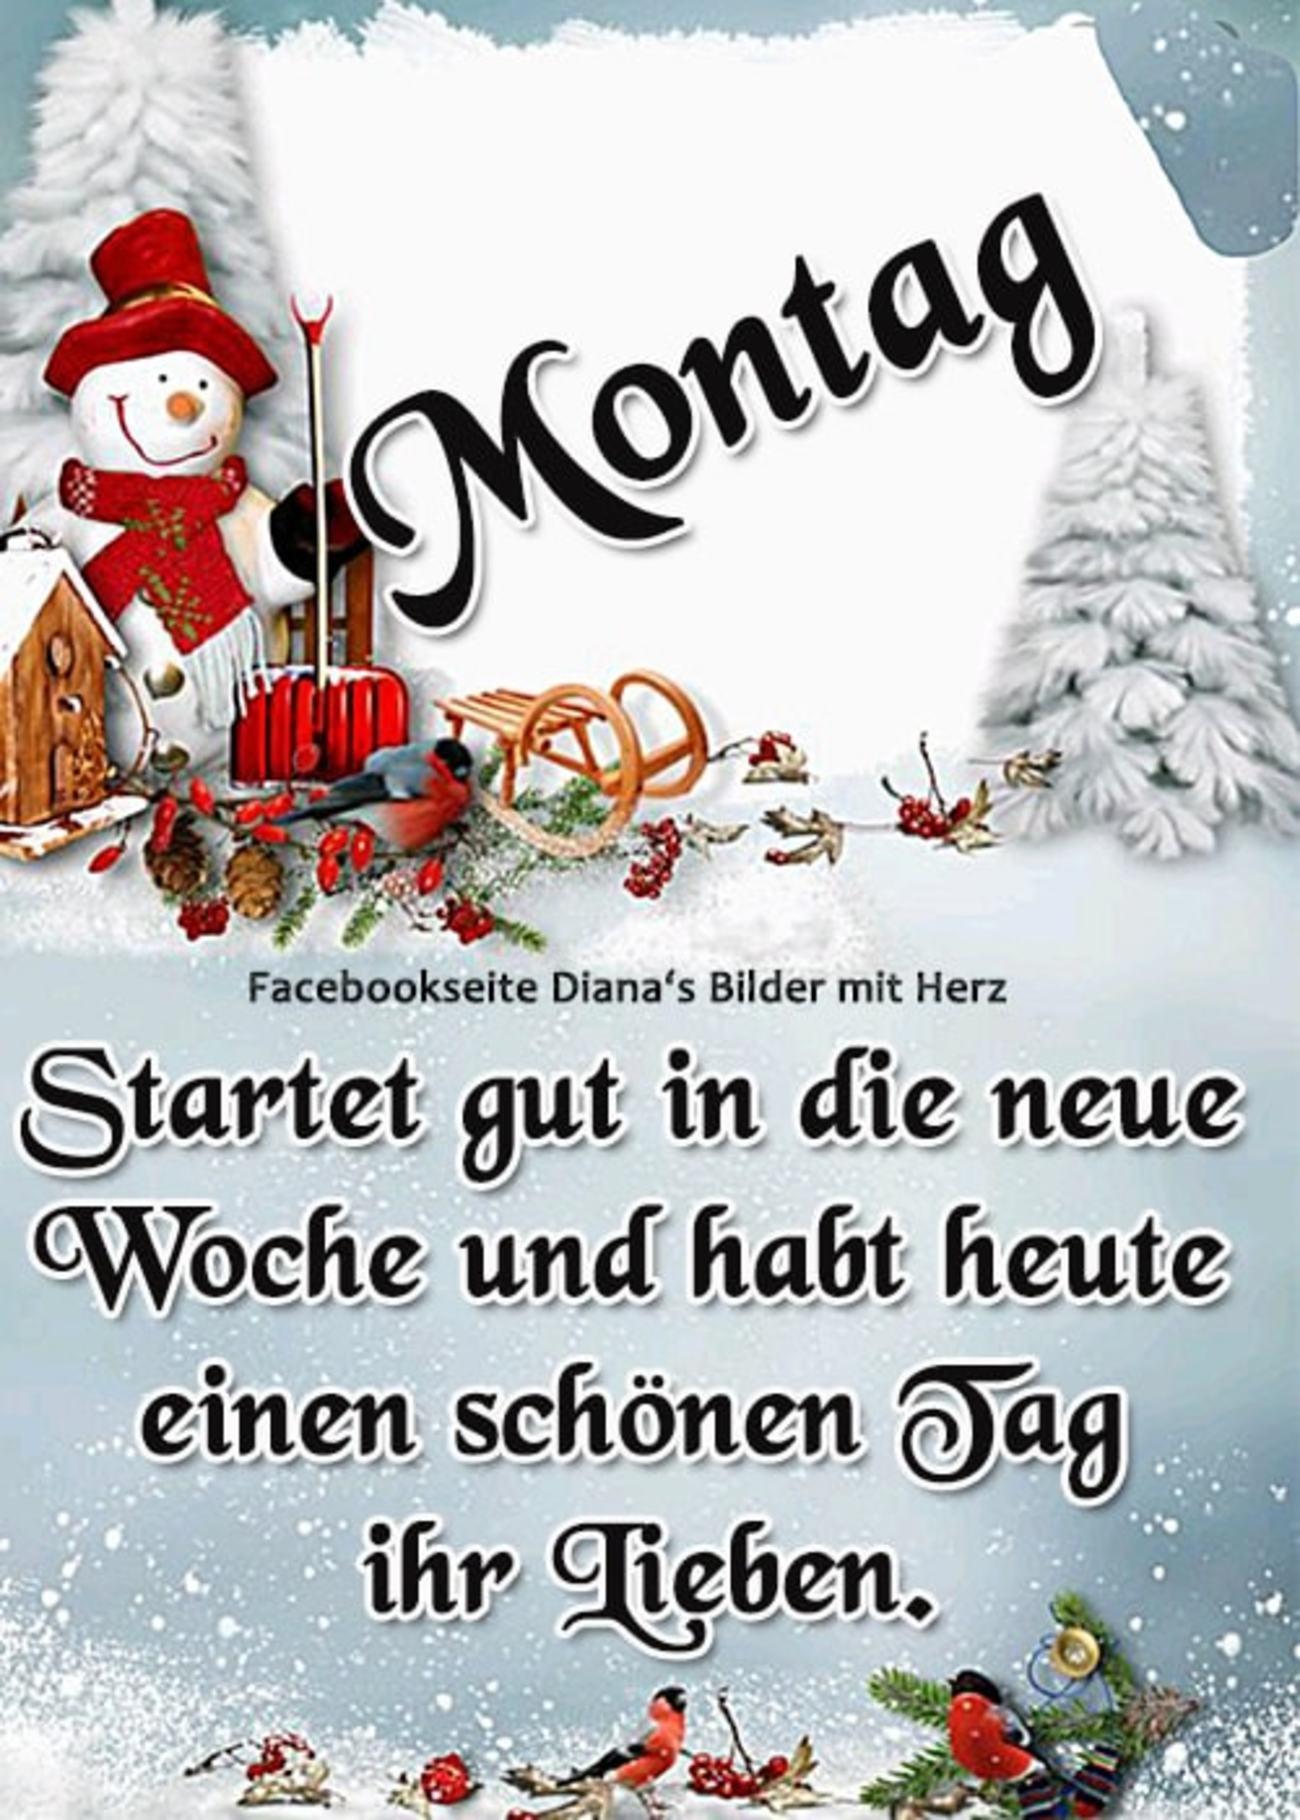 Schönen Montag Weihnachten Bilder 98 Gbpicsbildercom